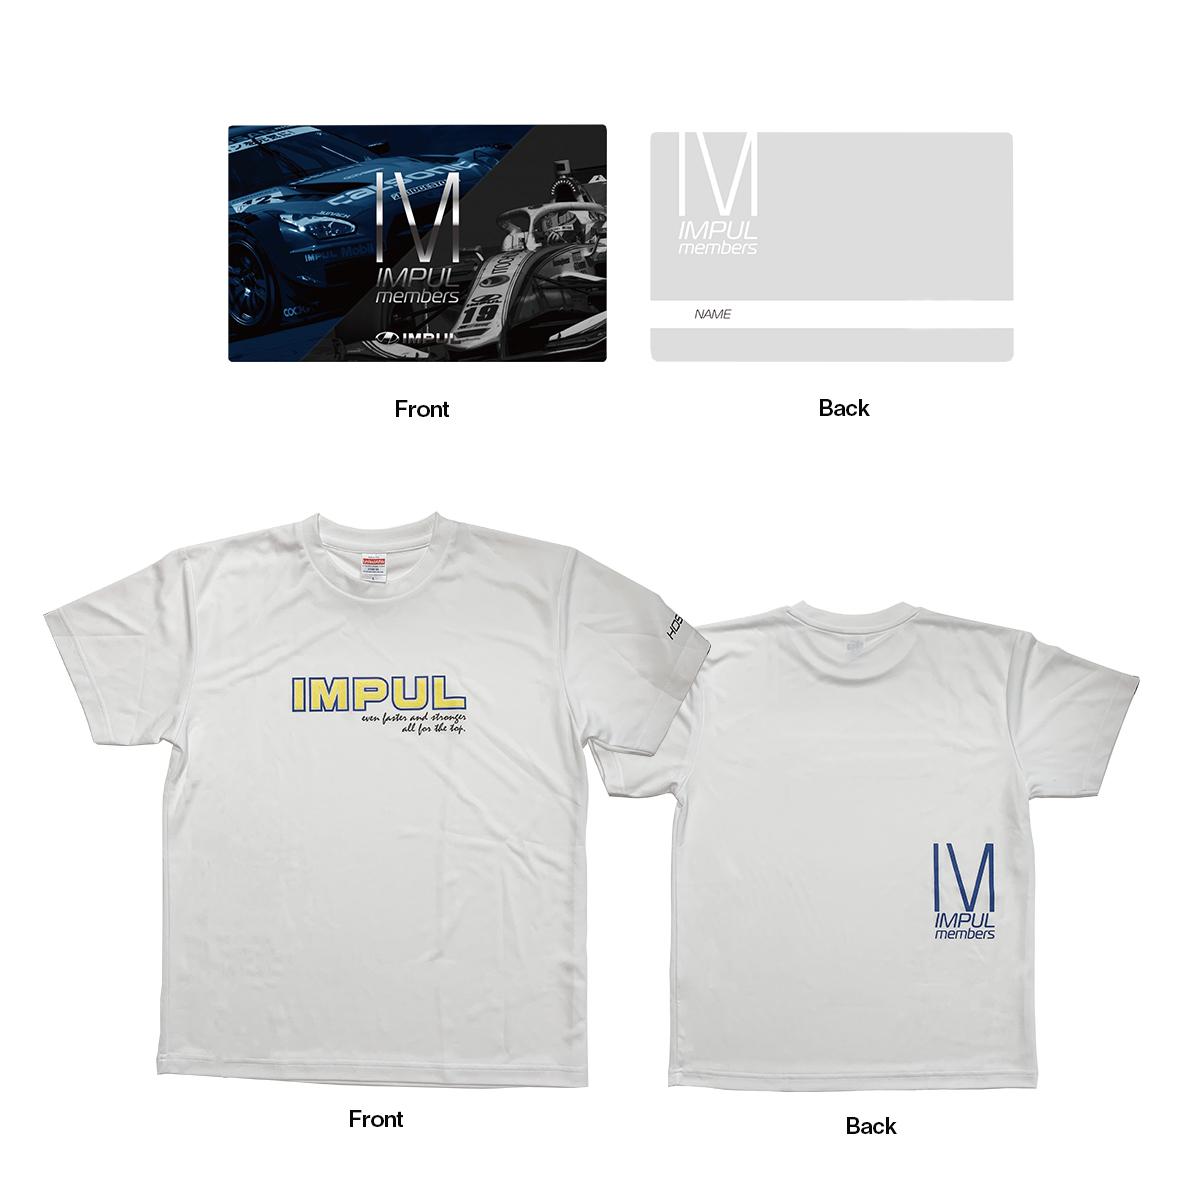 入会特典 IMPUL members オリジナルTシャツ